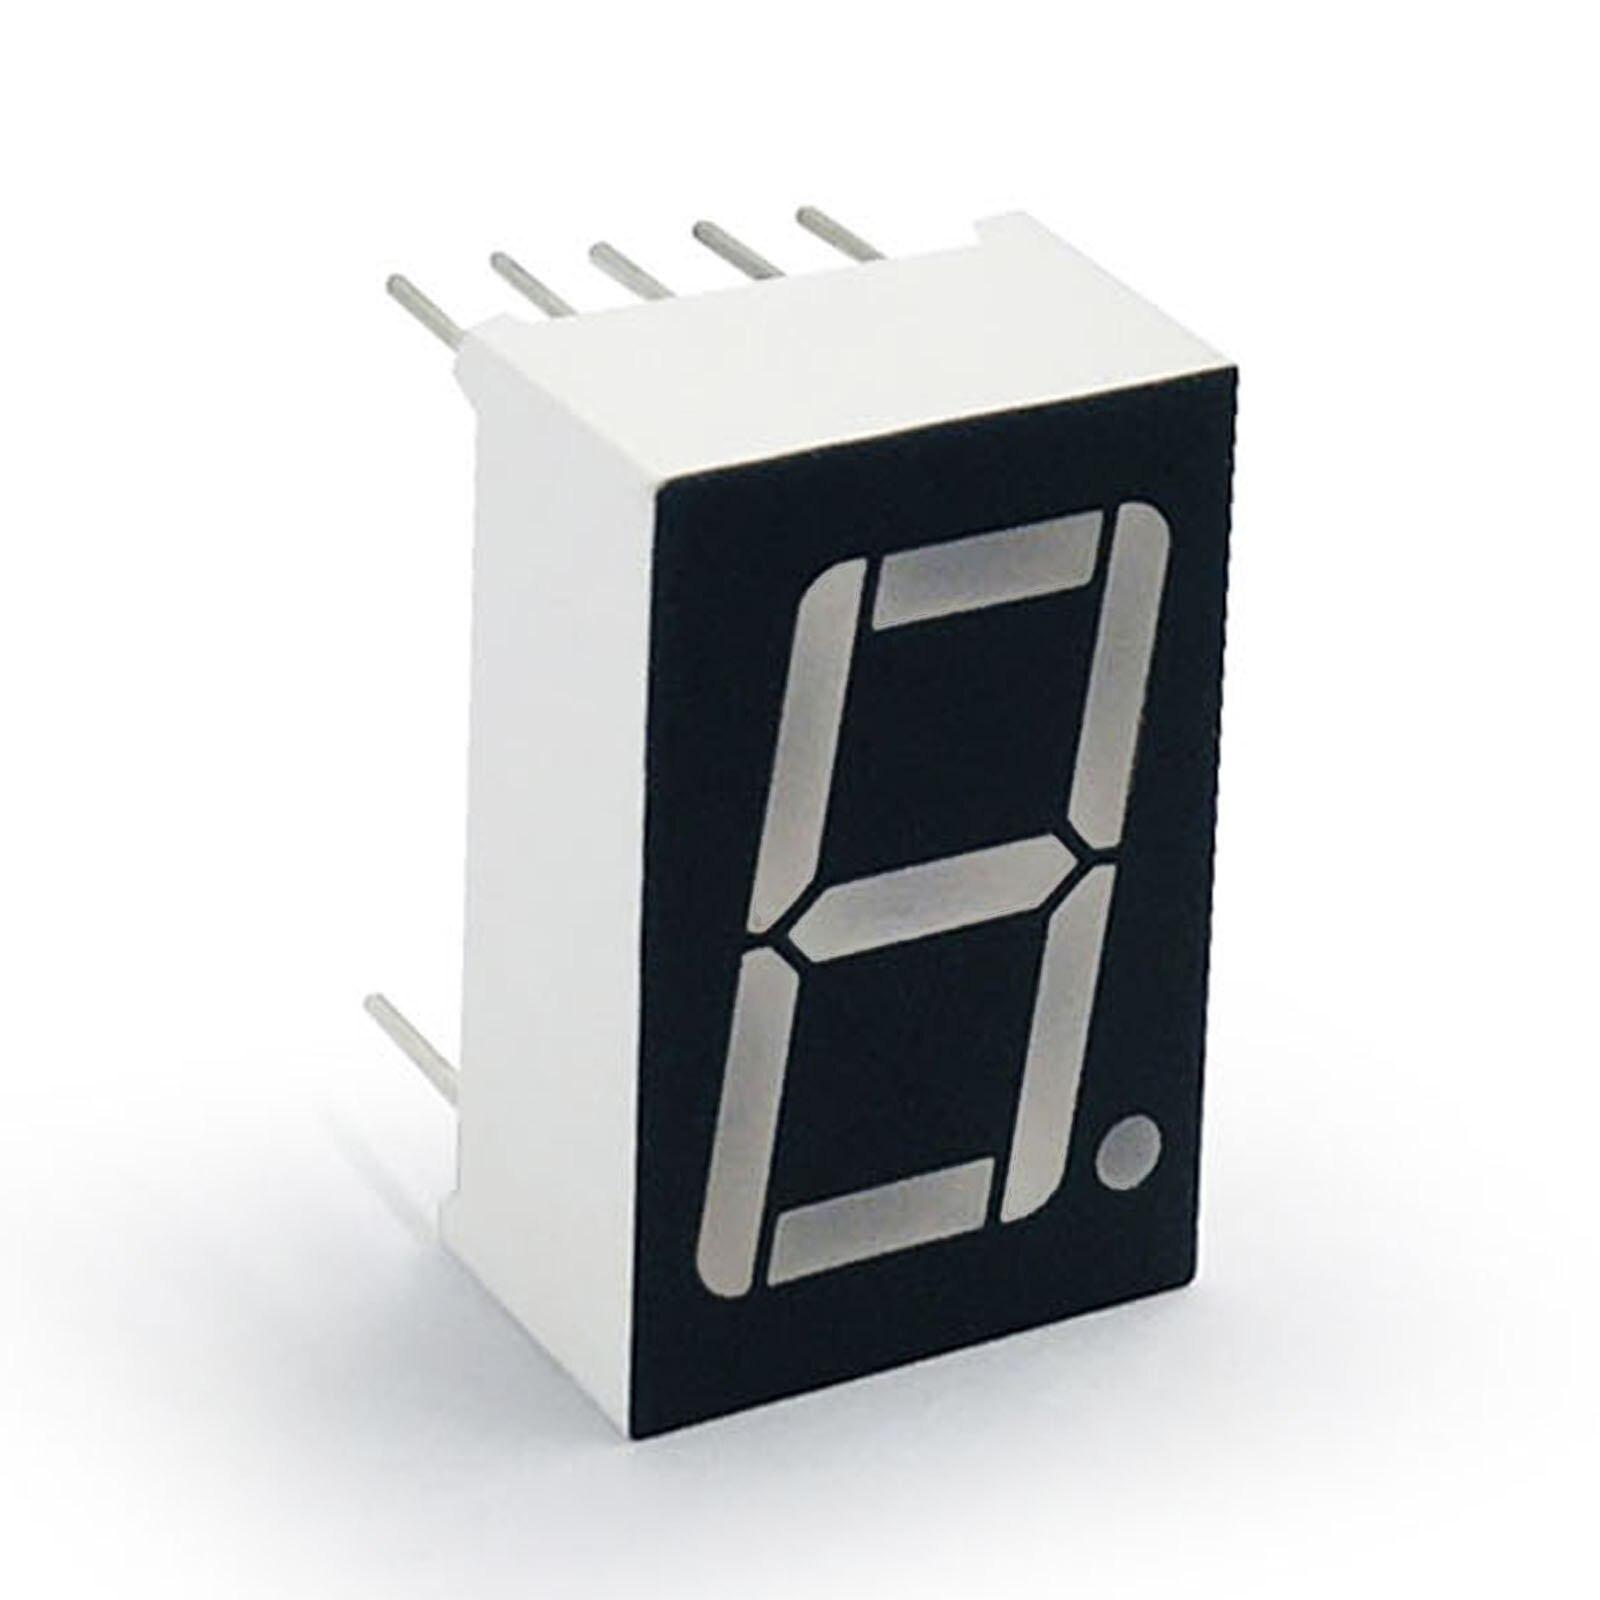 """5 Stücke Rote Led-Anzeige Digitale Röhre Gemeinsame Anode 3 Bit 0,56 /""""Ic Neue uv"""